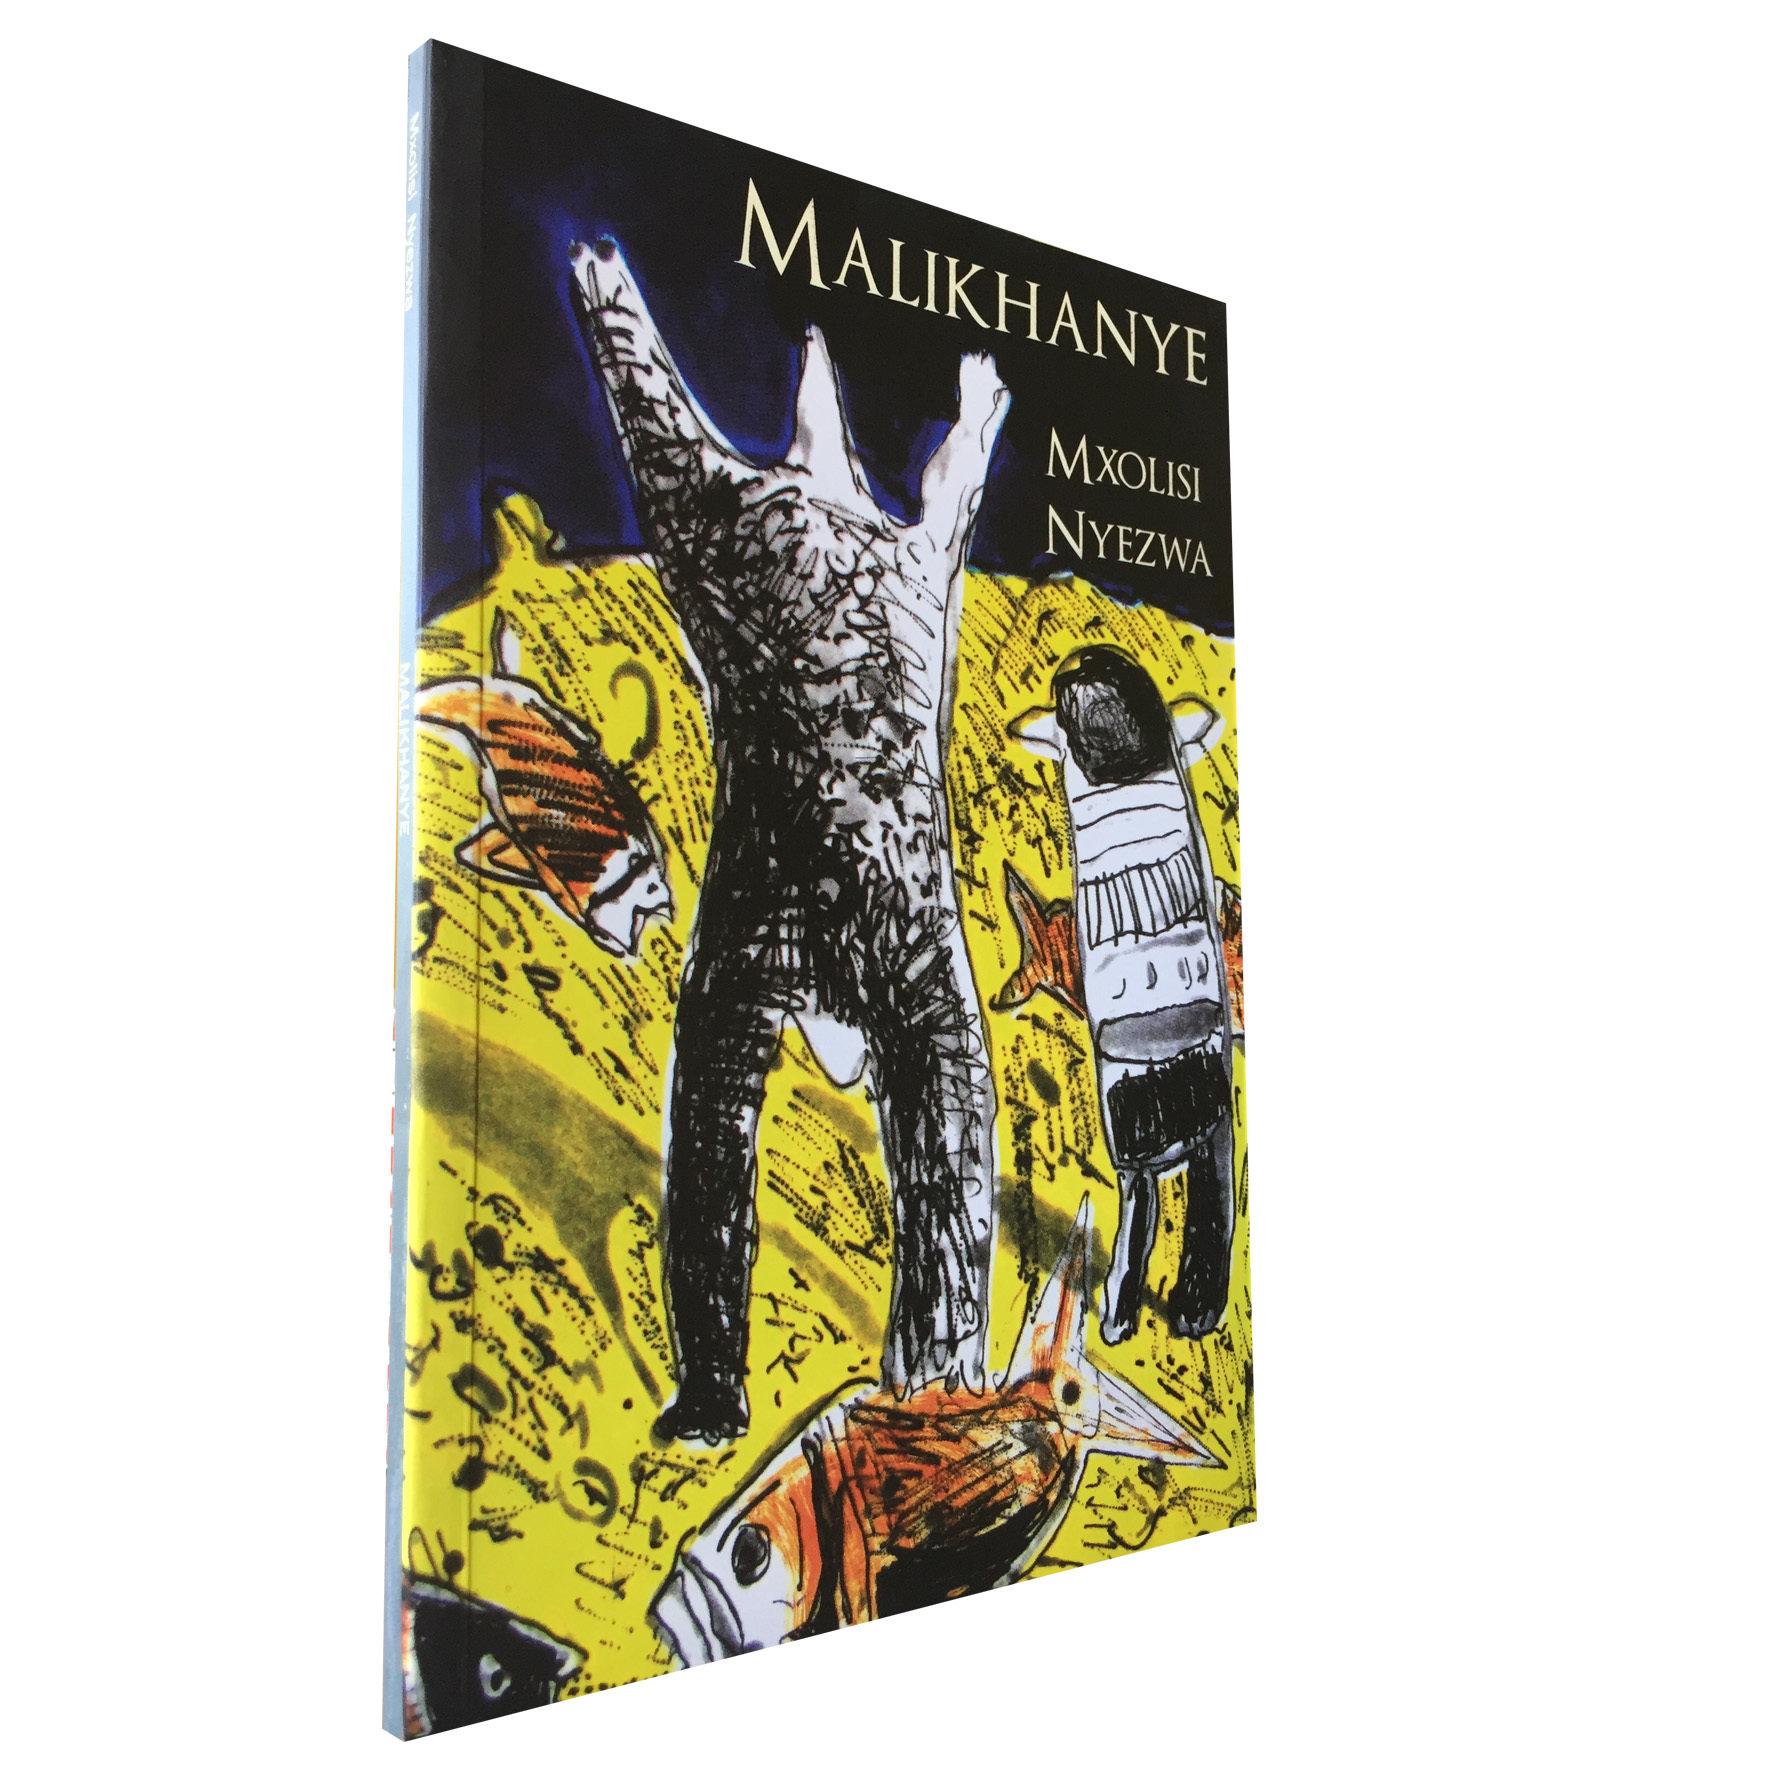 Malikhanye by Mxolisi Nyezwa (Deep South) DS12